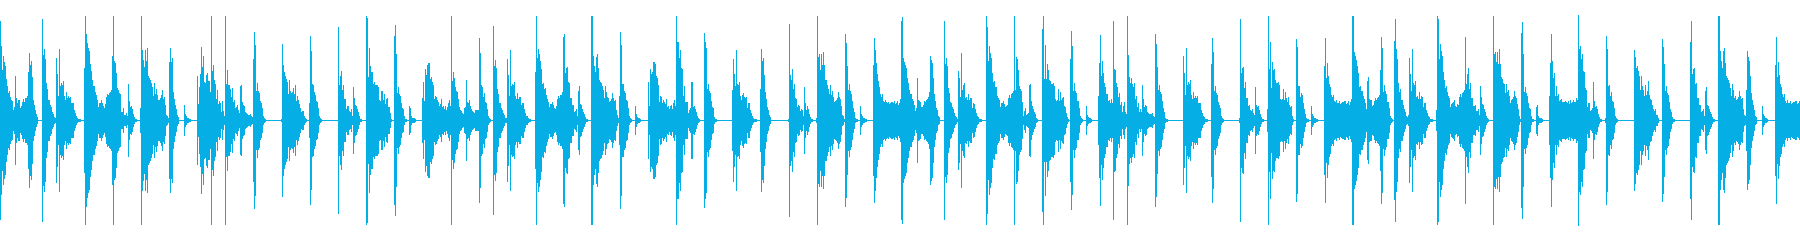 ボイスパーカッション ループBPM156の再生済みの波形